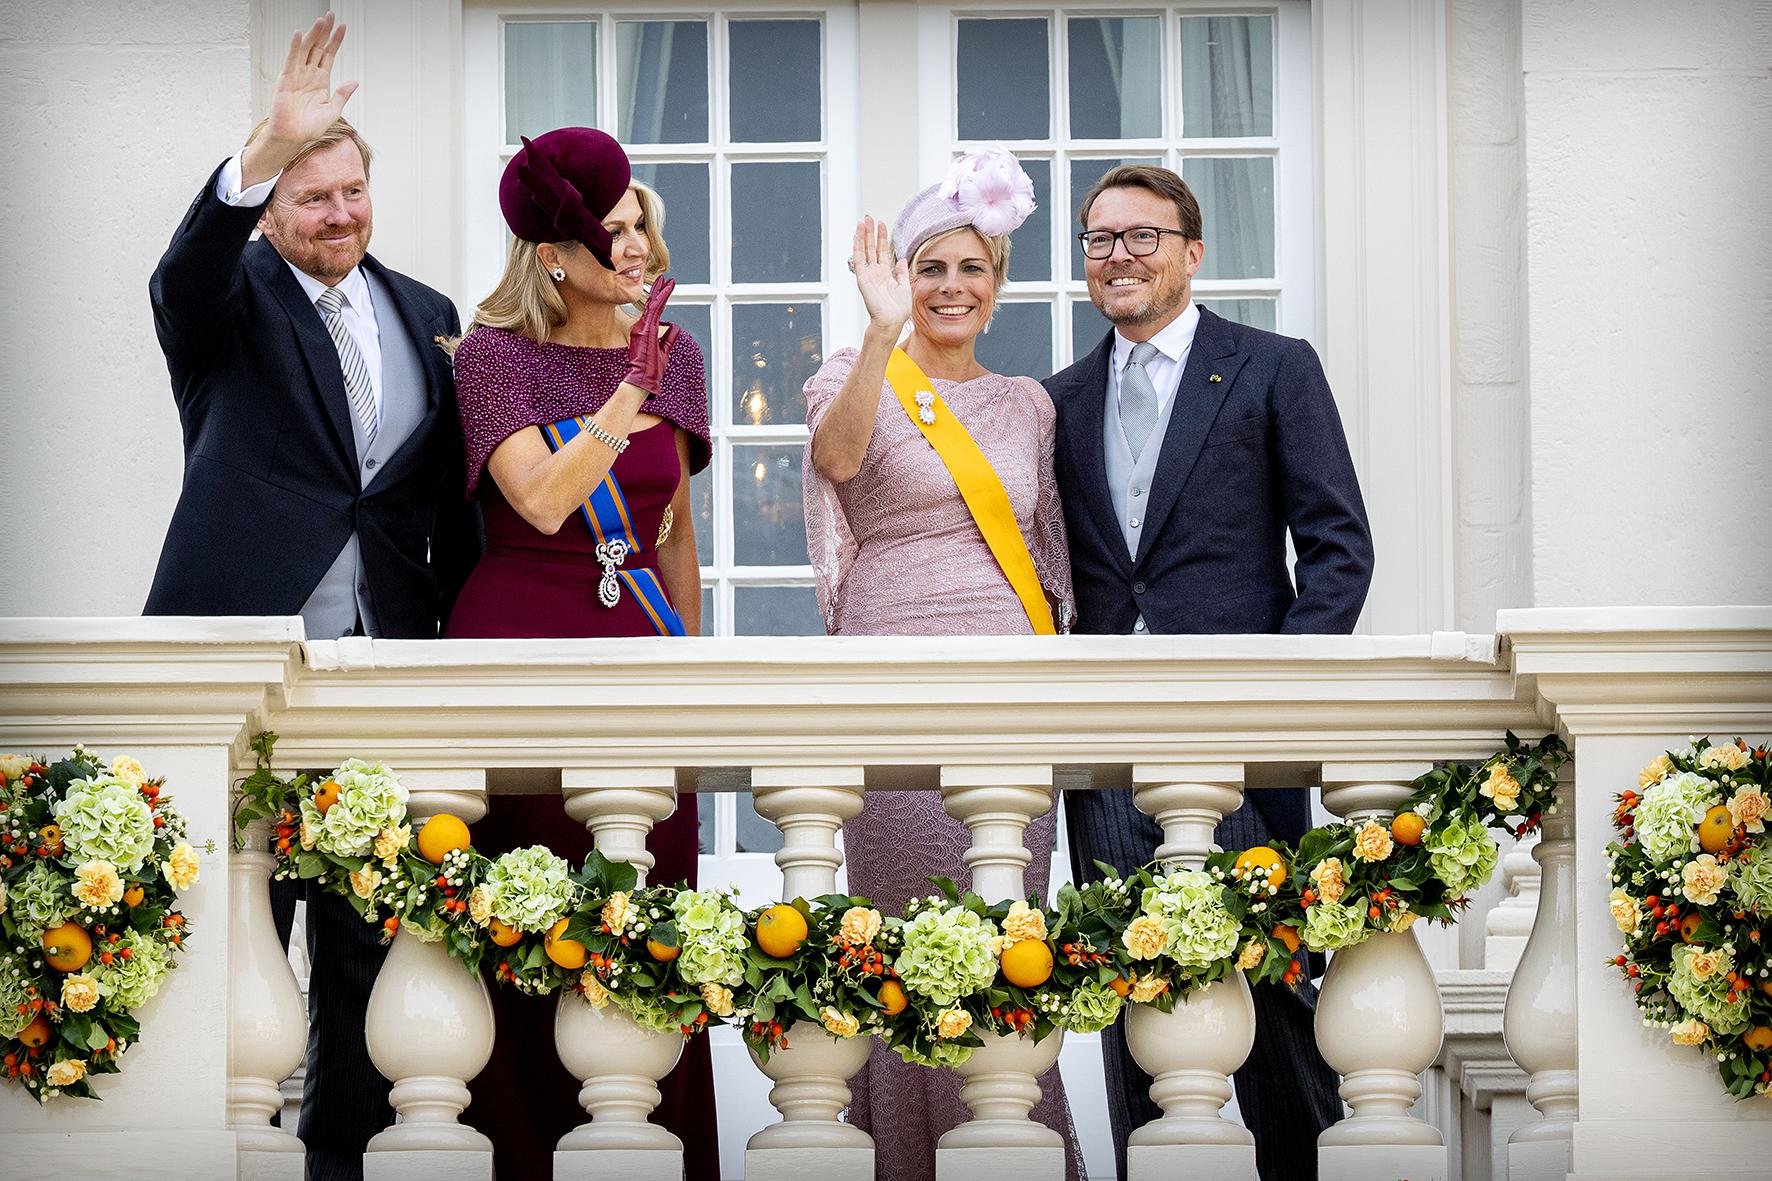 Koning Willem-Alexander en Koninging Maxima of Prins Constantijn en prinses Laurentien tijdens Prinsjesdag in Den Haag